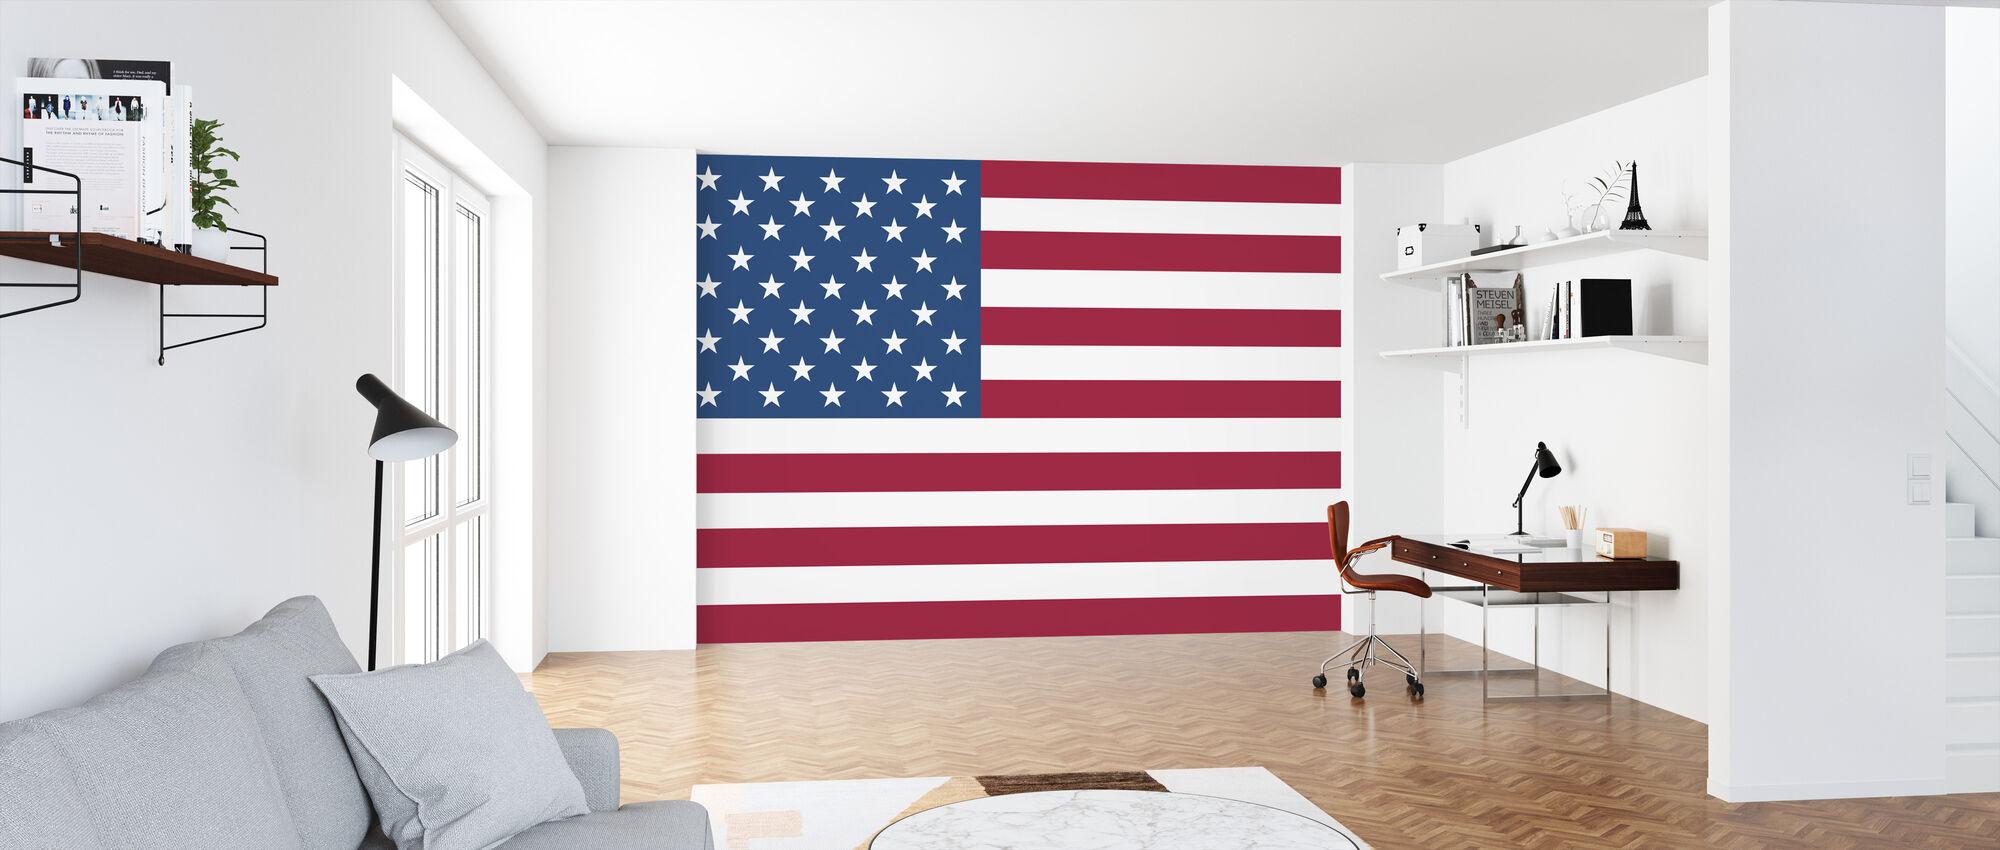 Vlag van Verenigde Staten - Behang - Kantoor